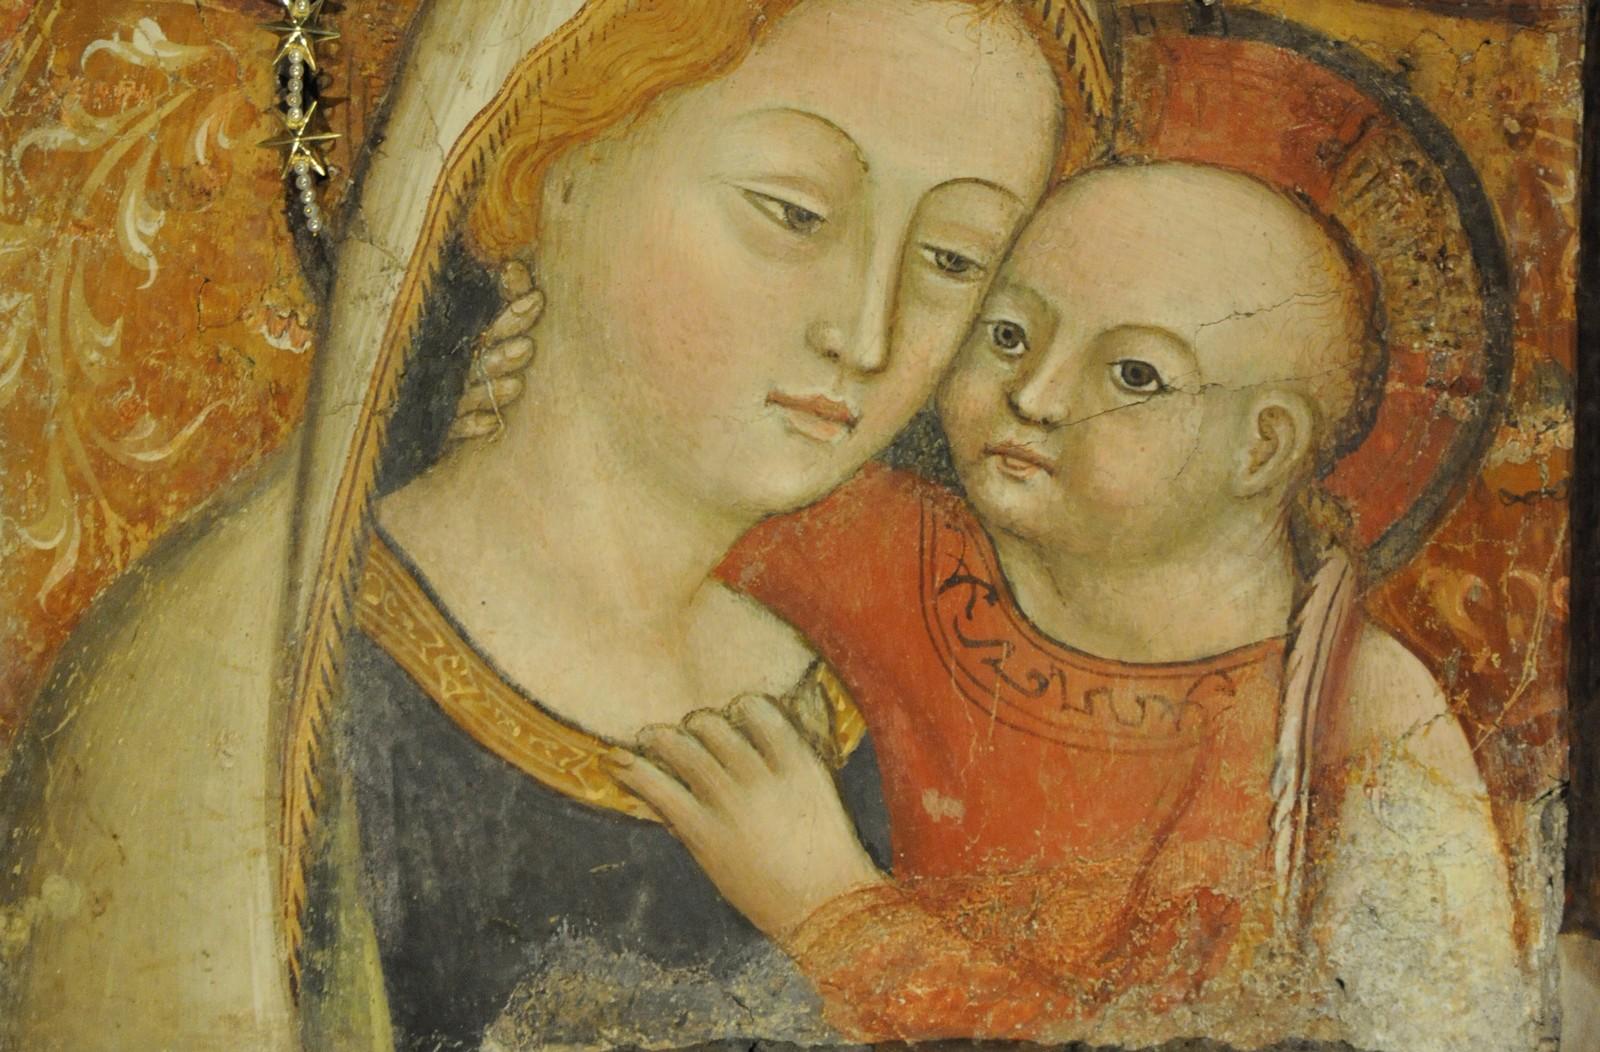 Nuestra Señora del Buen Consejo de Genazzano, Milagroso Traslado por el Aire, Italia (25 abr)